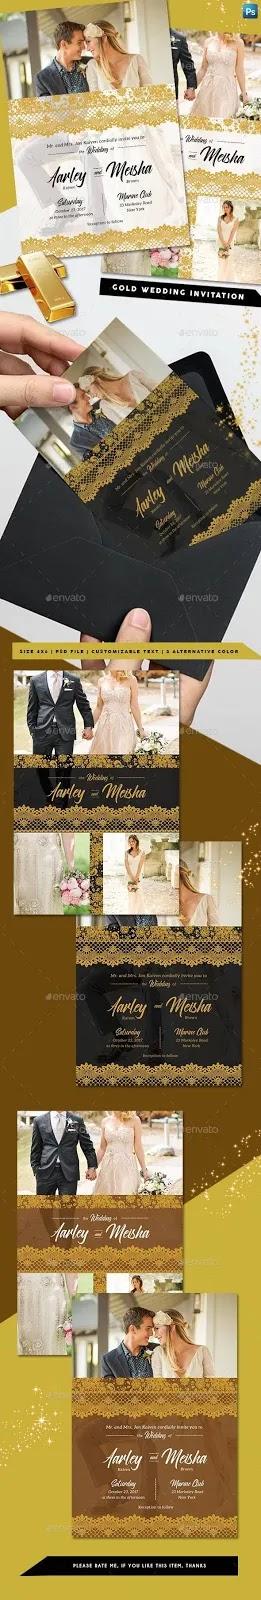 contoh undangan pernikahan psd full